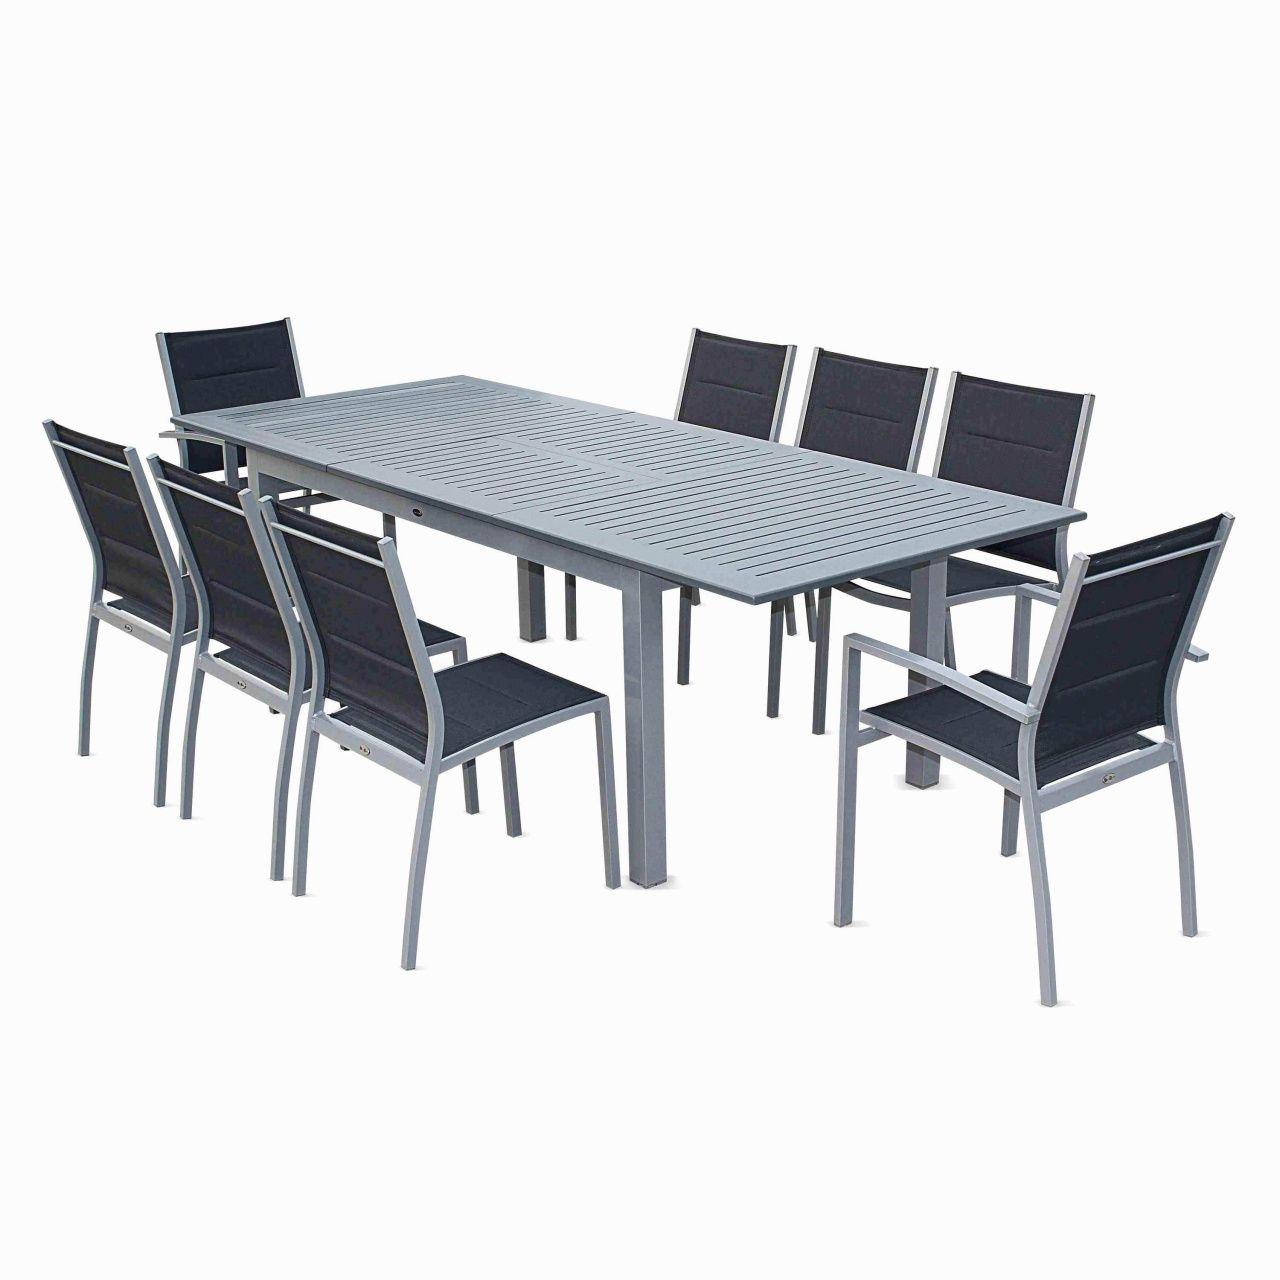 70 Alinea Table De Jardin | Table Et Chaises De Jardin ... concernant Table Et Chaises De Jardin Pas Cher